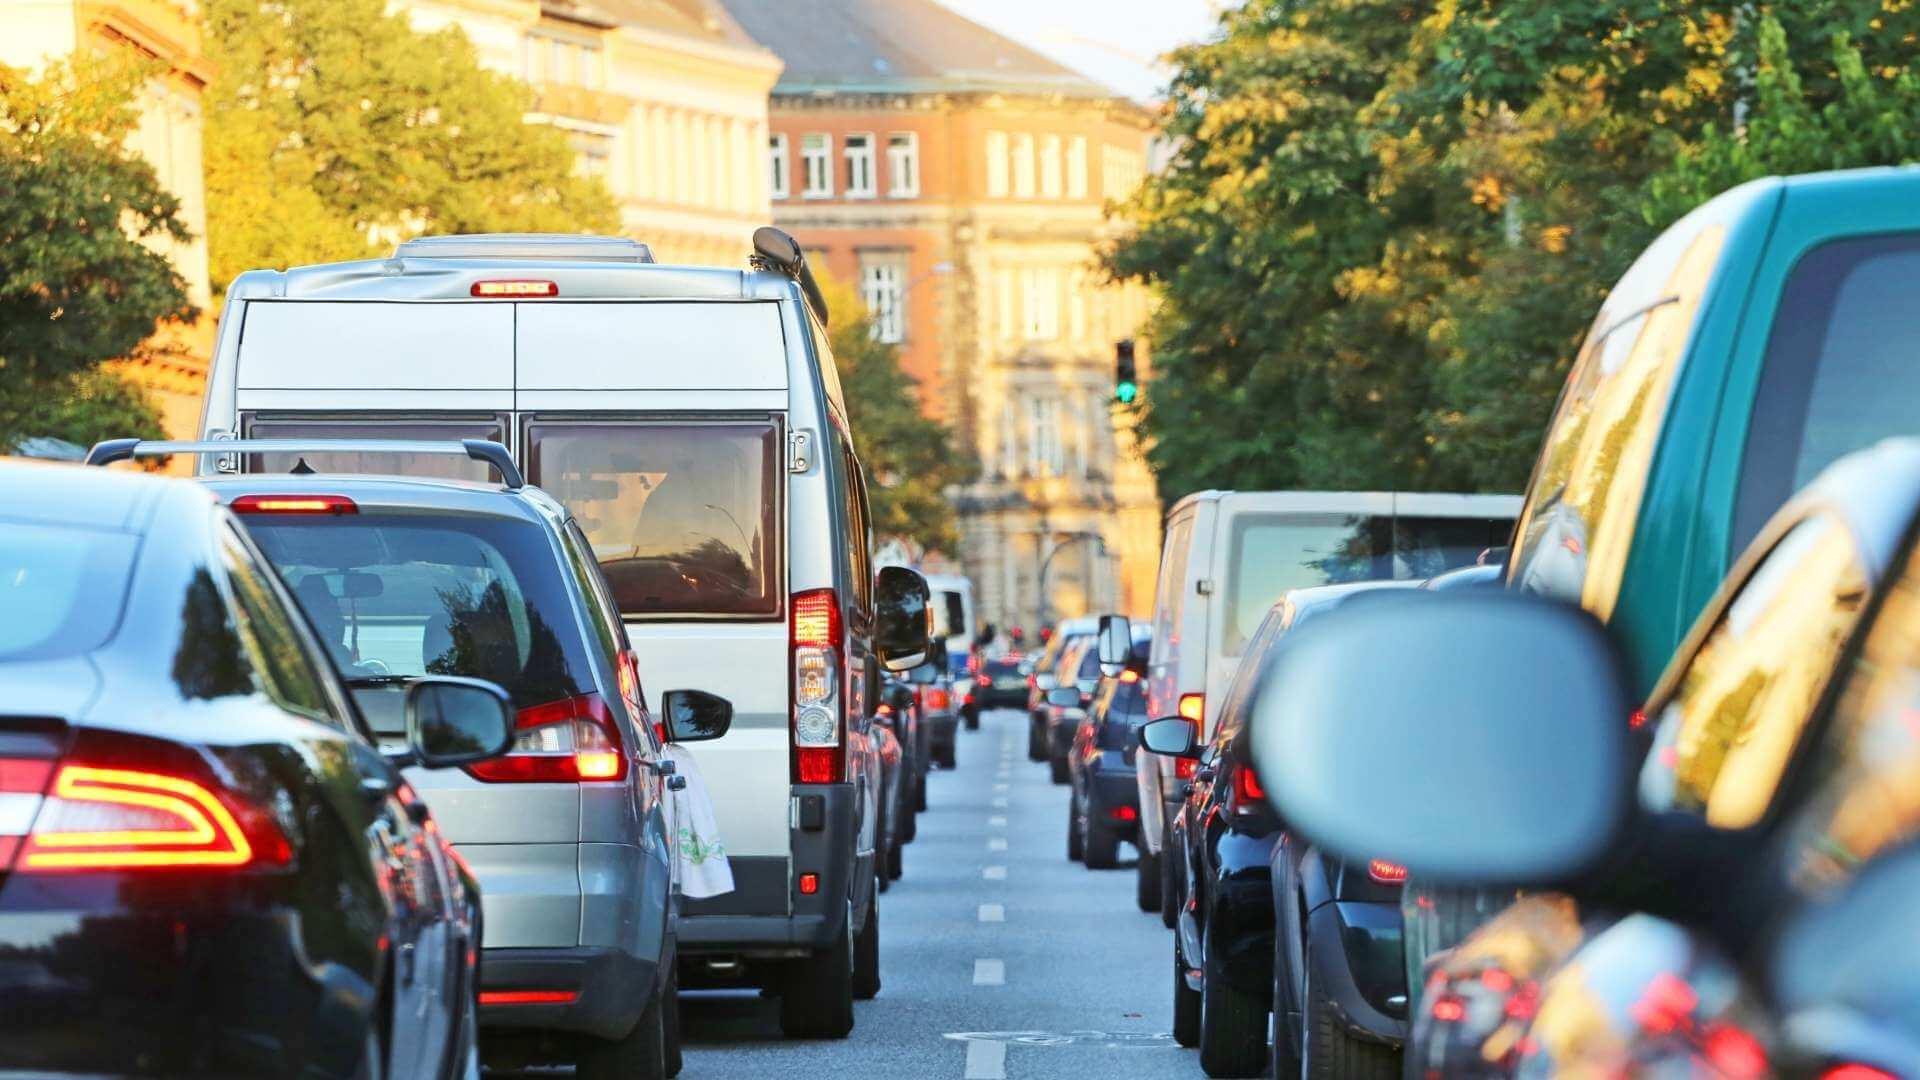 Regiunea Bruxelles interzice mașinile diesel începând cu 2030 și cele pe benzină, din 2035